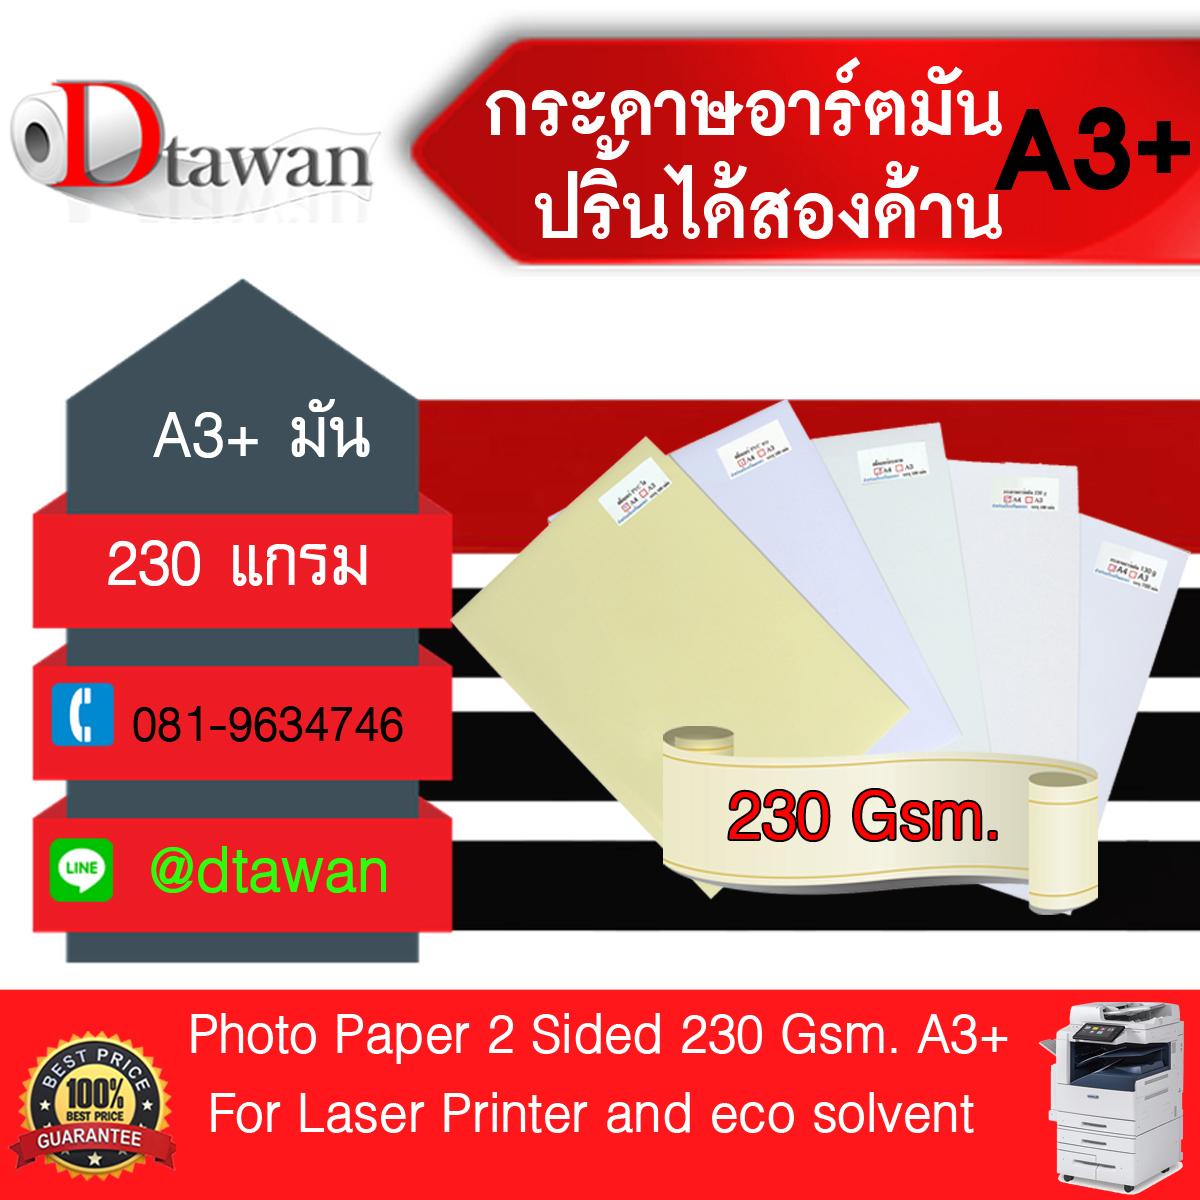 กระดาษอาร์ตมัน 2หน้า 230g (230แกรม) ขนาด A3+ (13x19นิ้ว)